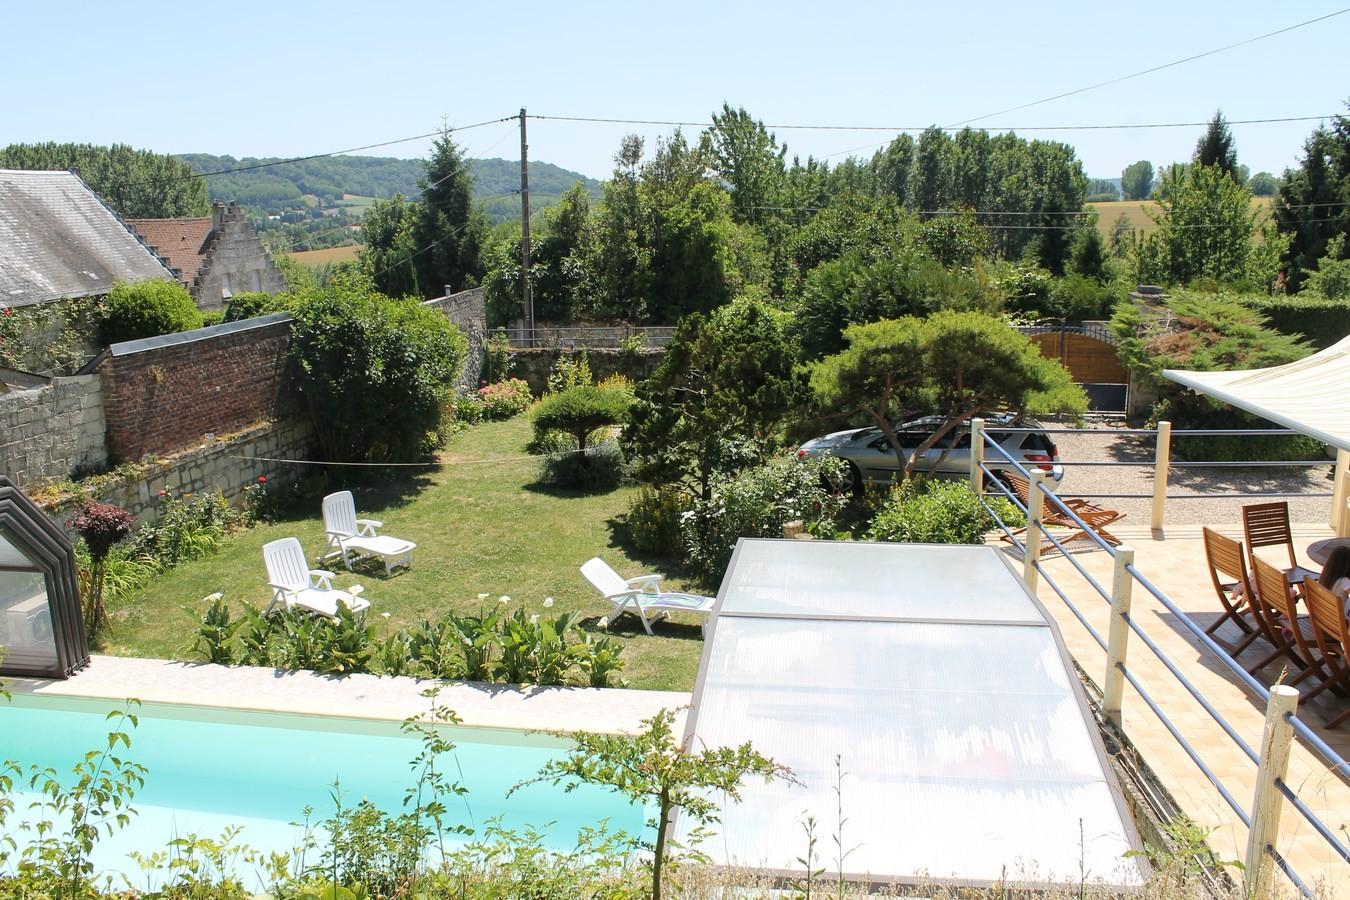 vue panoramique sur l'entrée du gîte,son jardin paysagé clos.